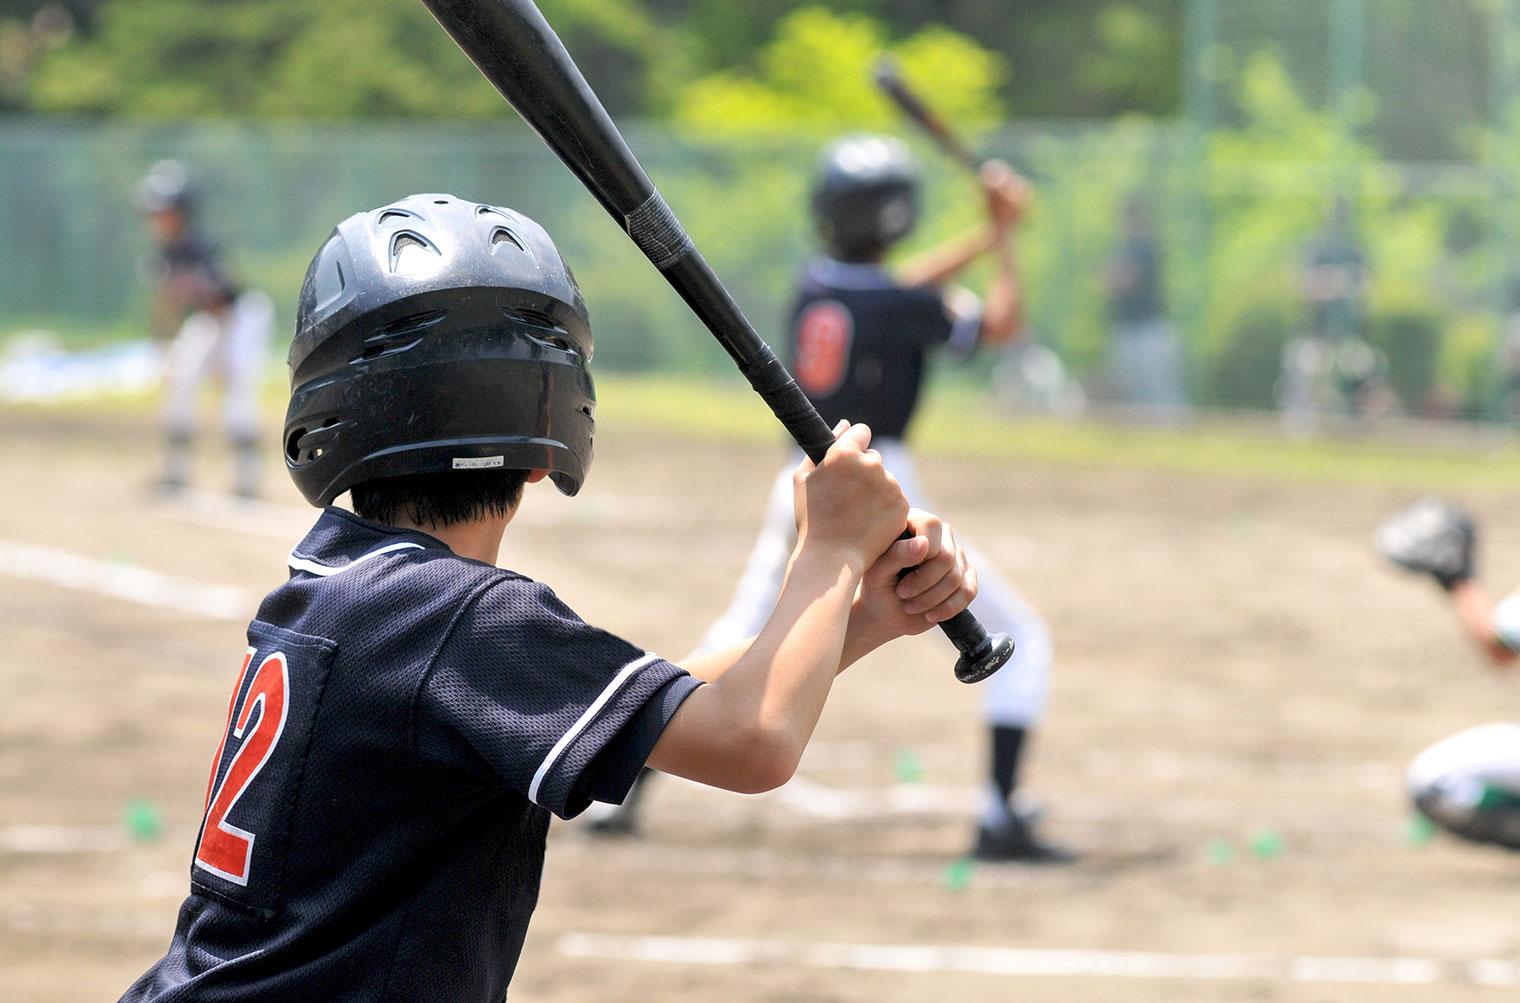 野球グッズの収納方法をアイテムに分けてご紹介していきます!